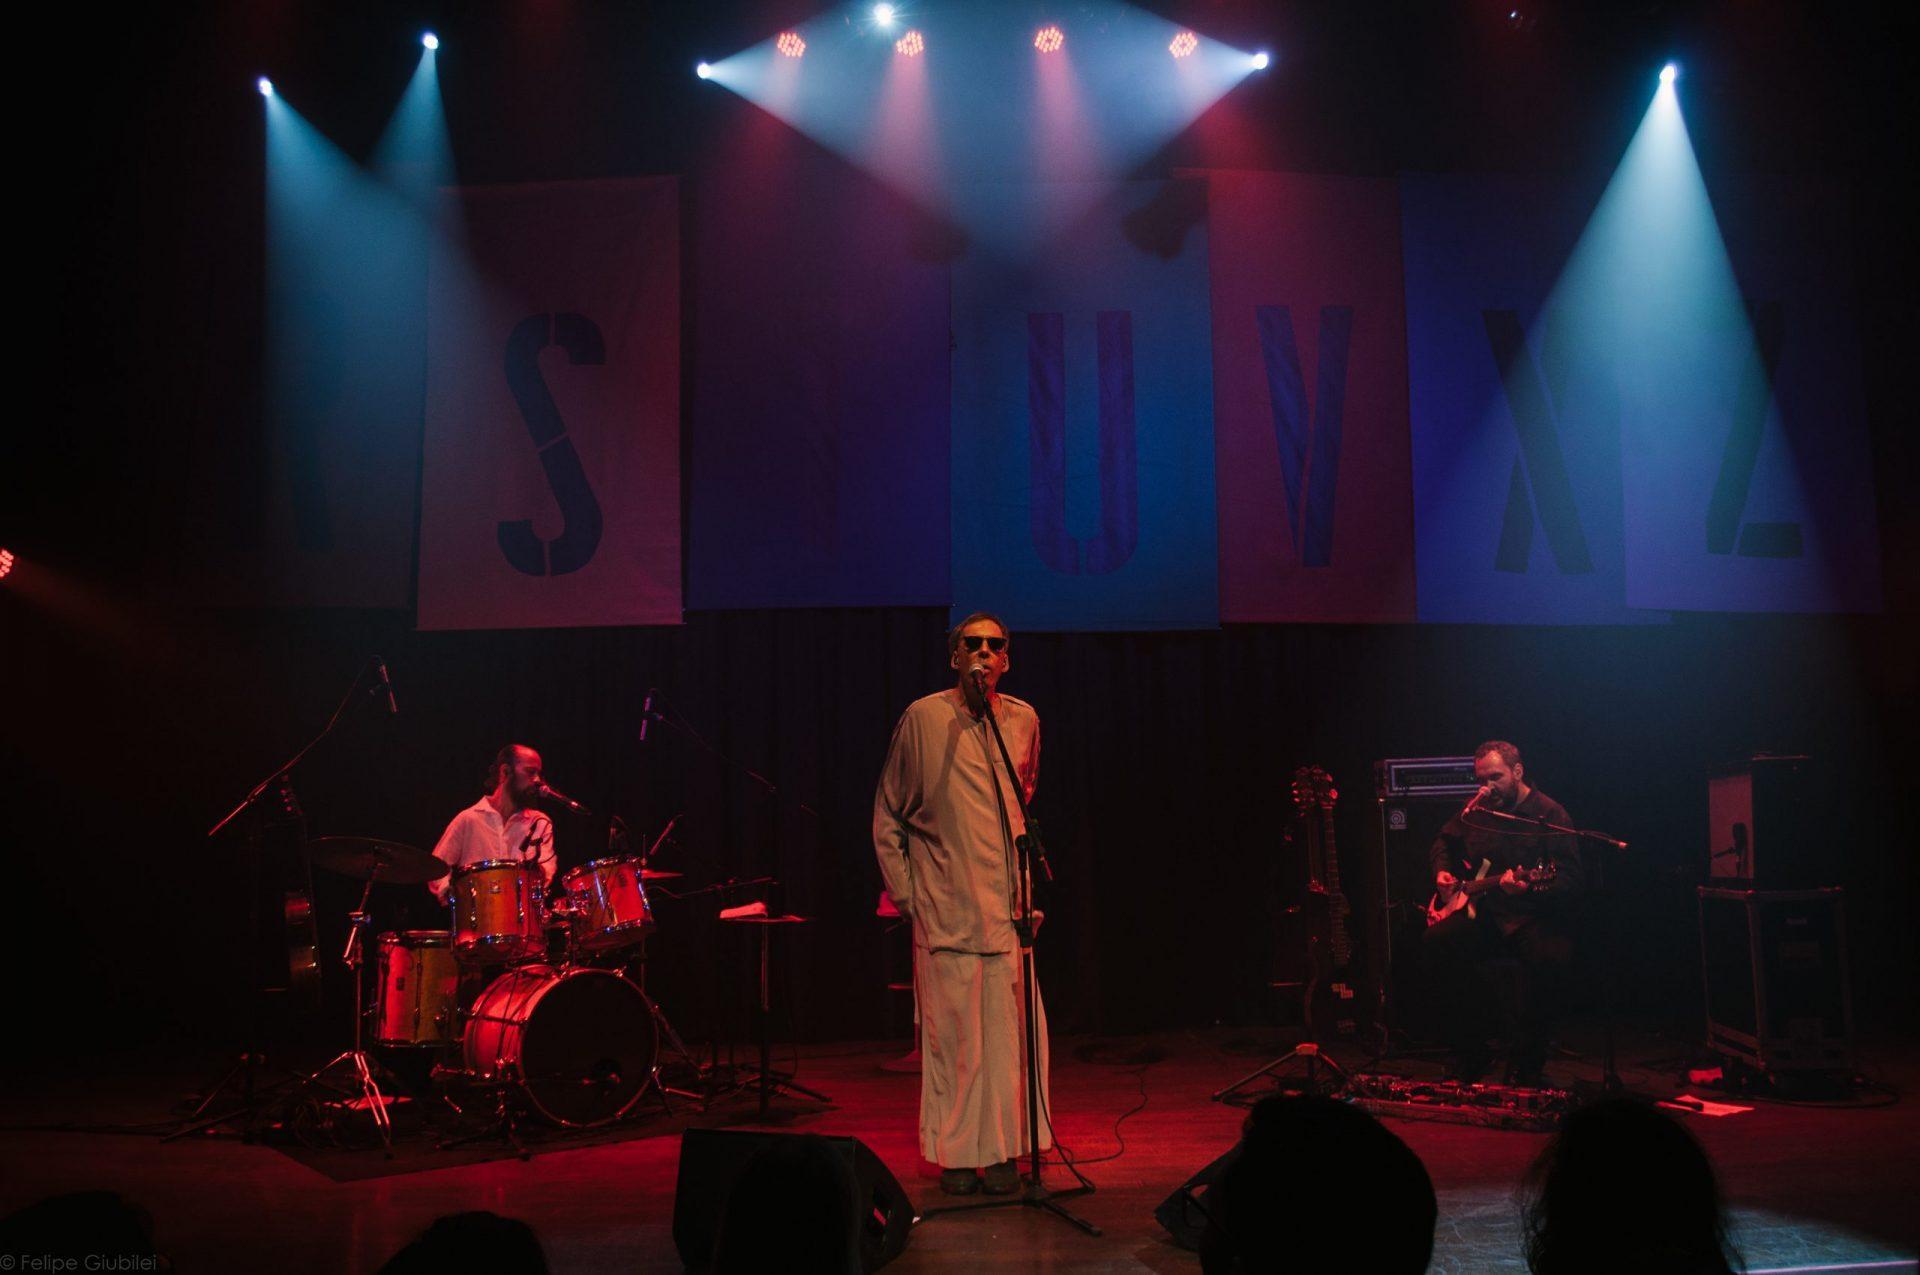 Imagem 4 do Evento Arnaldo Antunes no show Rstuvxz trio